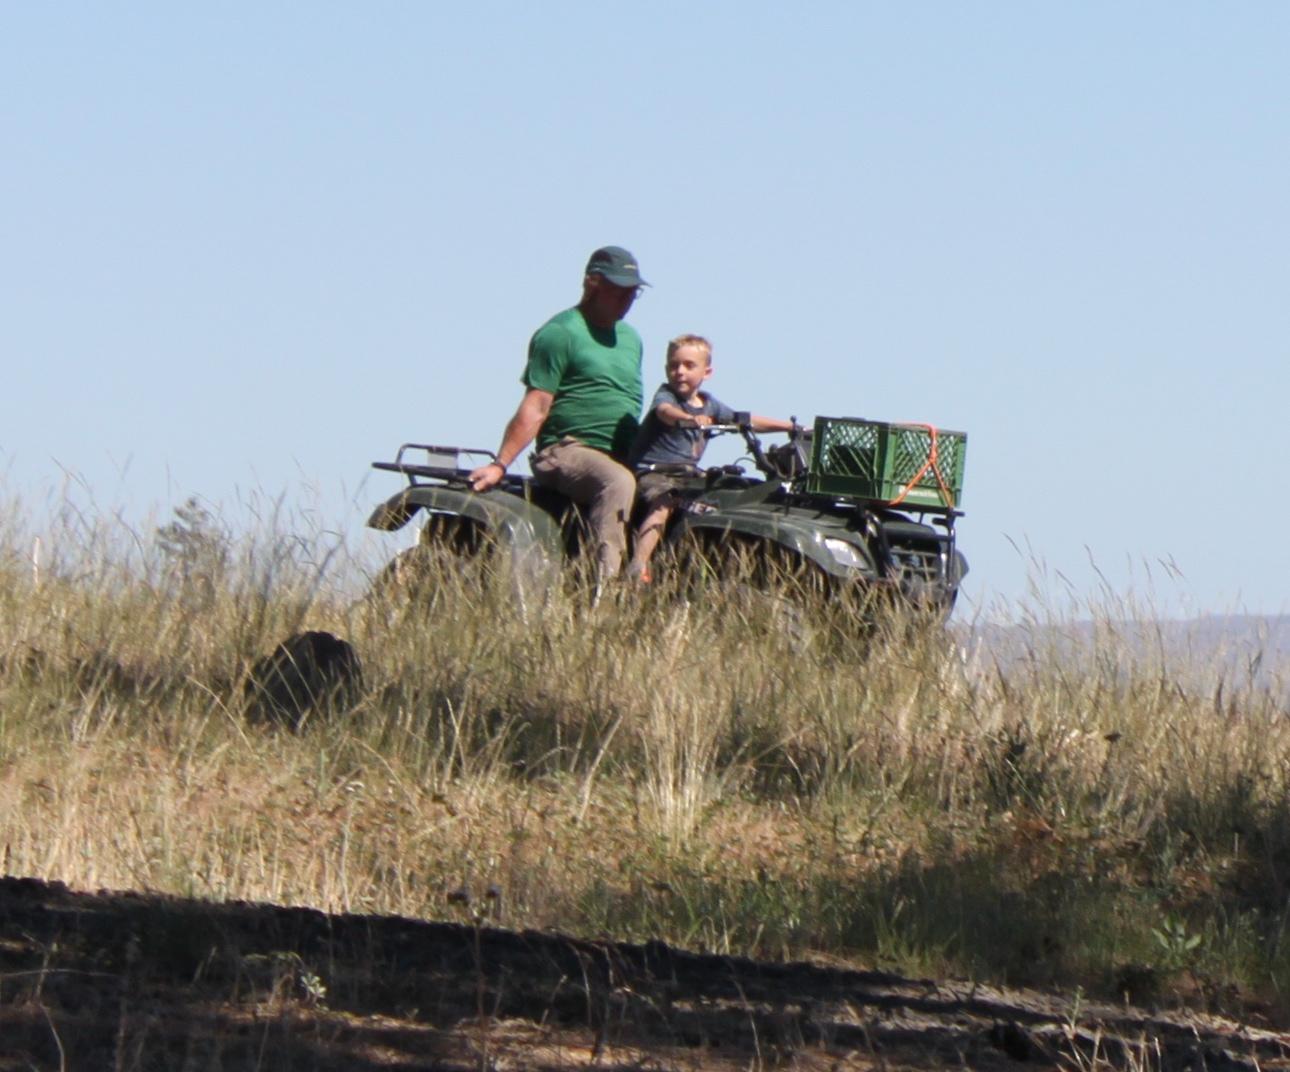 William driving Tom on quad